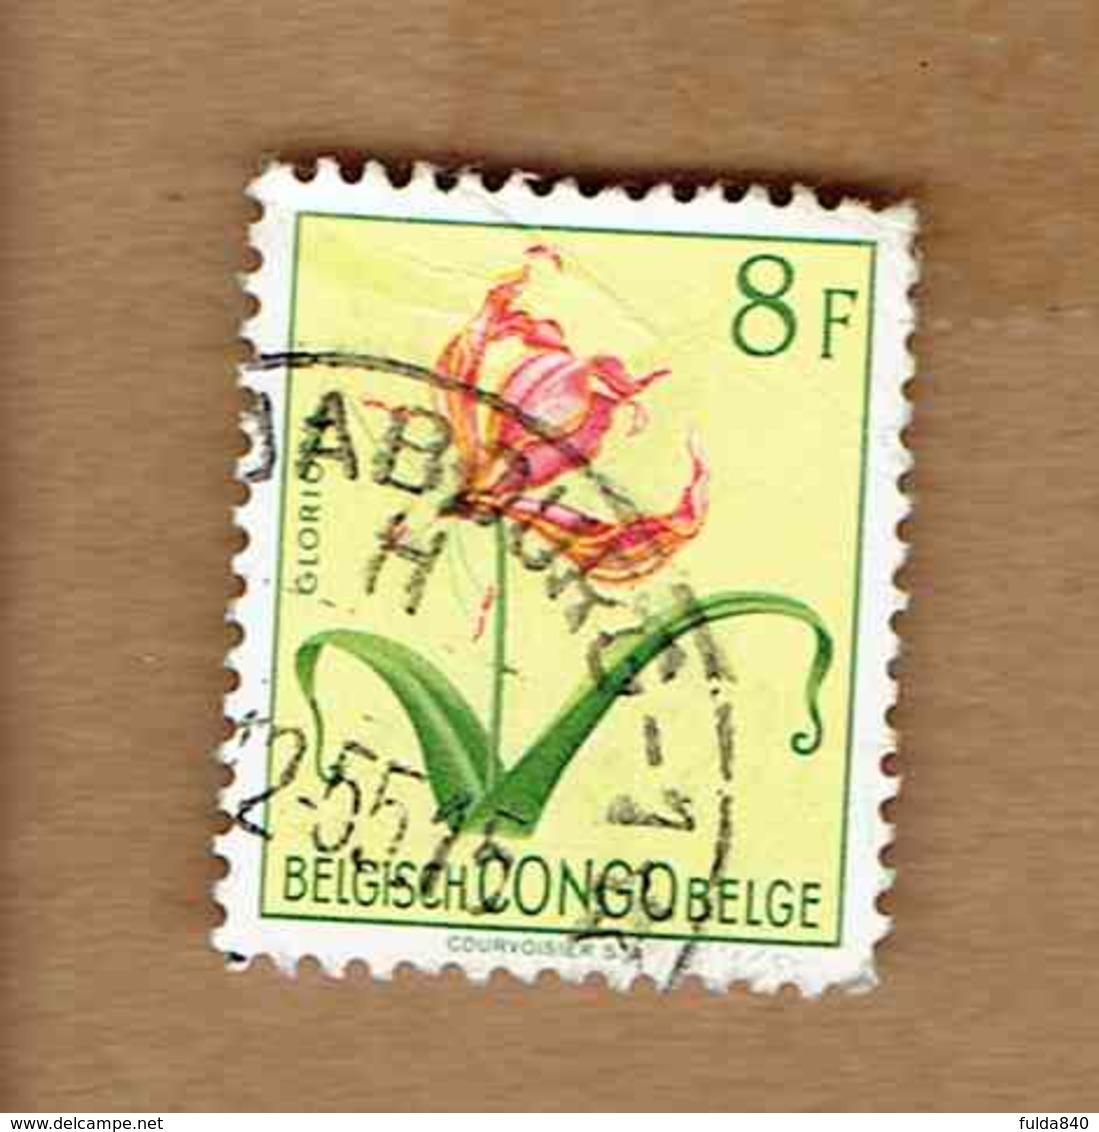 Congo Belge.(COB-OBP)  1952 - N°319    *FLEURS DU CONGO*   8F   Oblitéré - Congo Belge